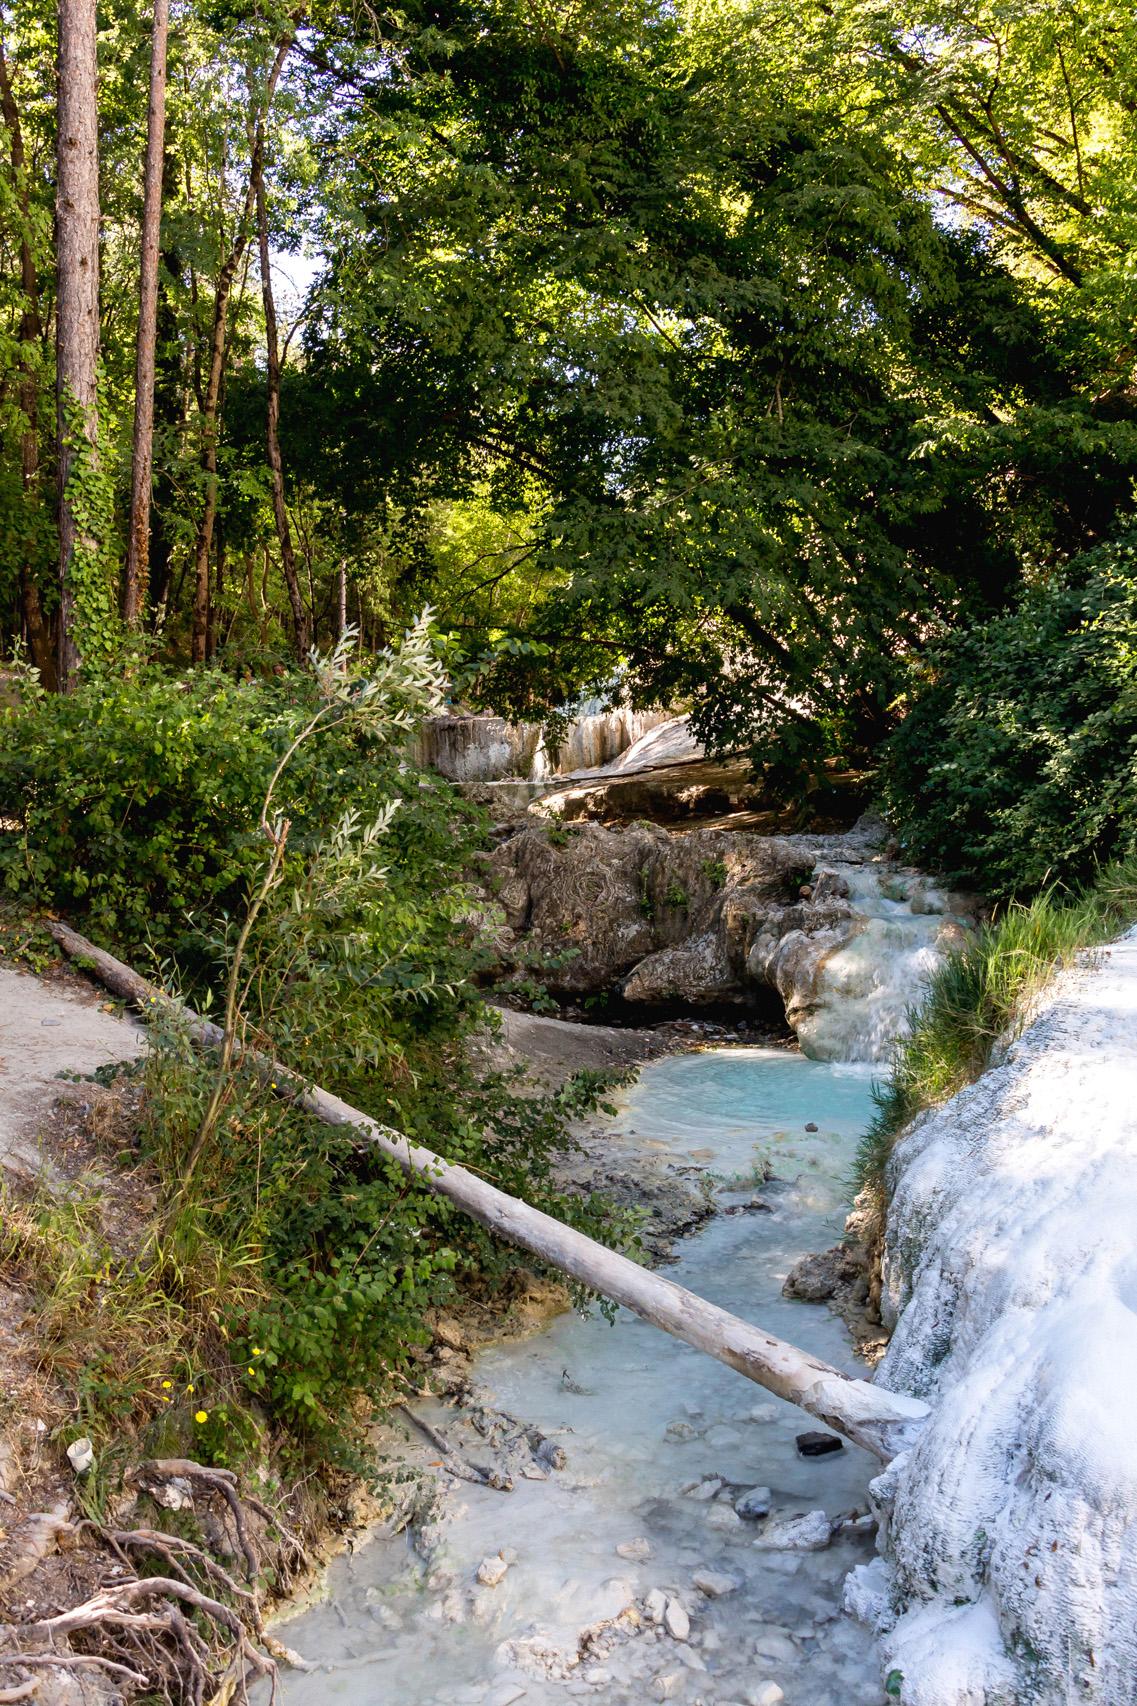 Bagni San Filippo, Tuscany